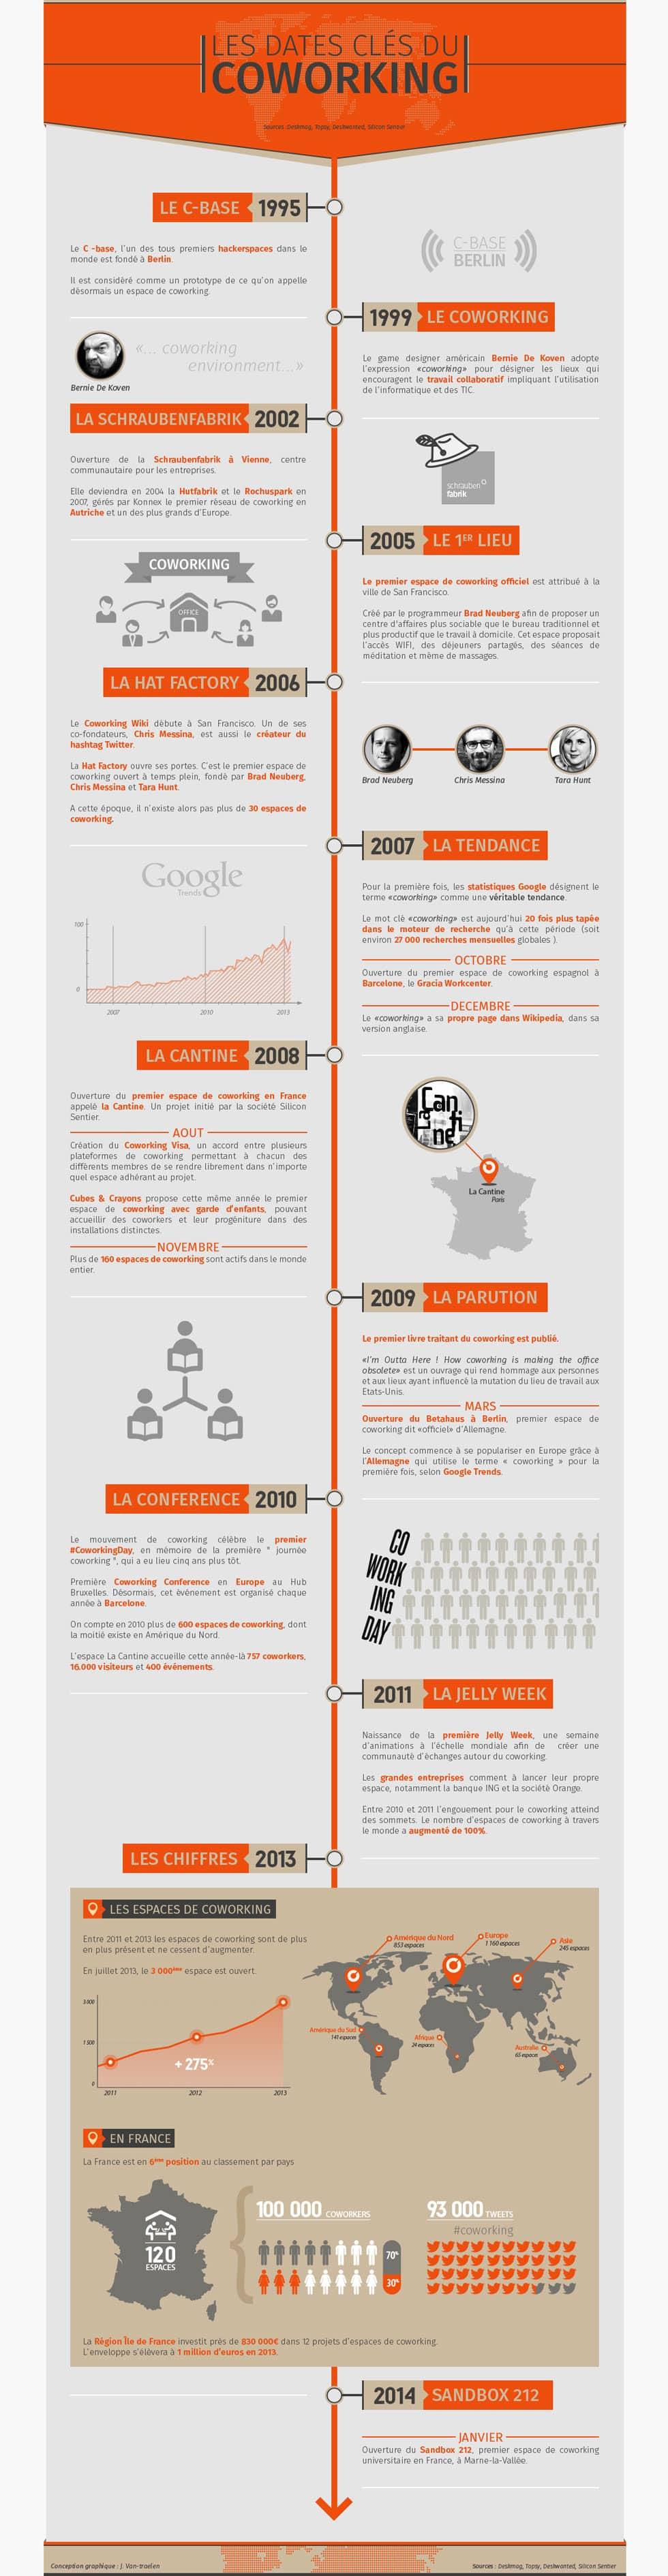 Infographie sur les origines du coworking - sources deskmag